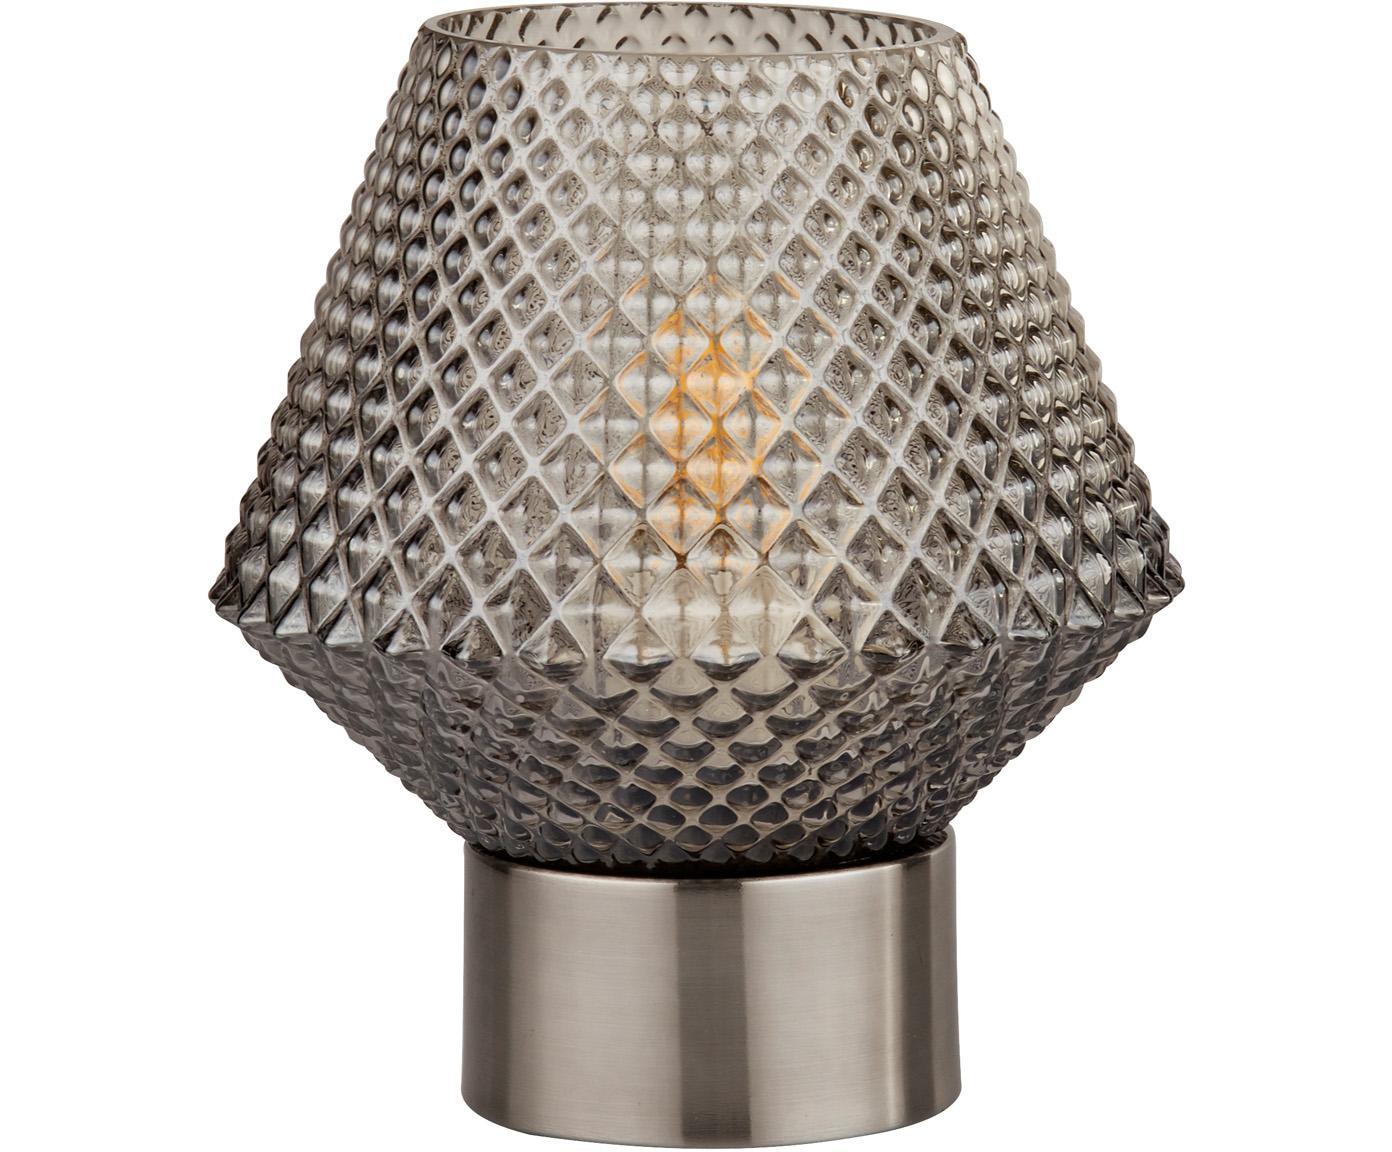 Kleine Tischleuchte Luisville aus Glas, Sockel: Stahl, beschichtet, Lampenschirm: Glas, Grau, Ø 15 x H 18 cm